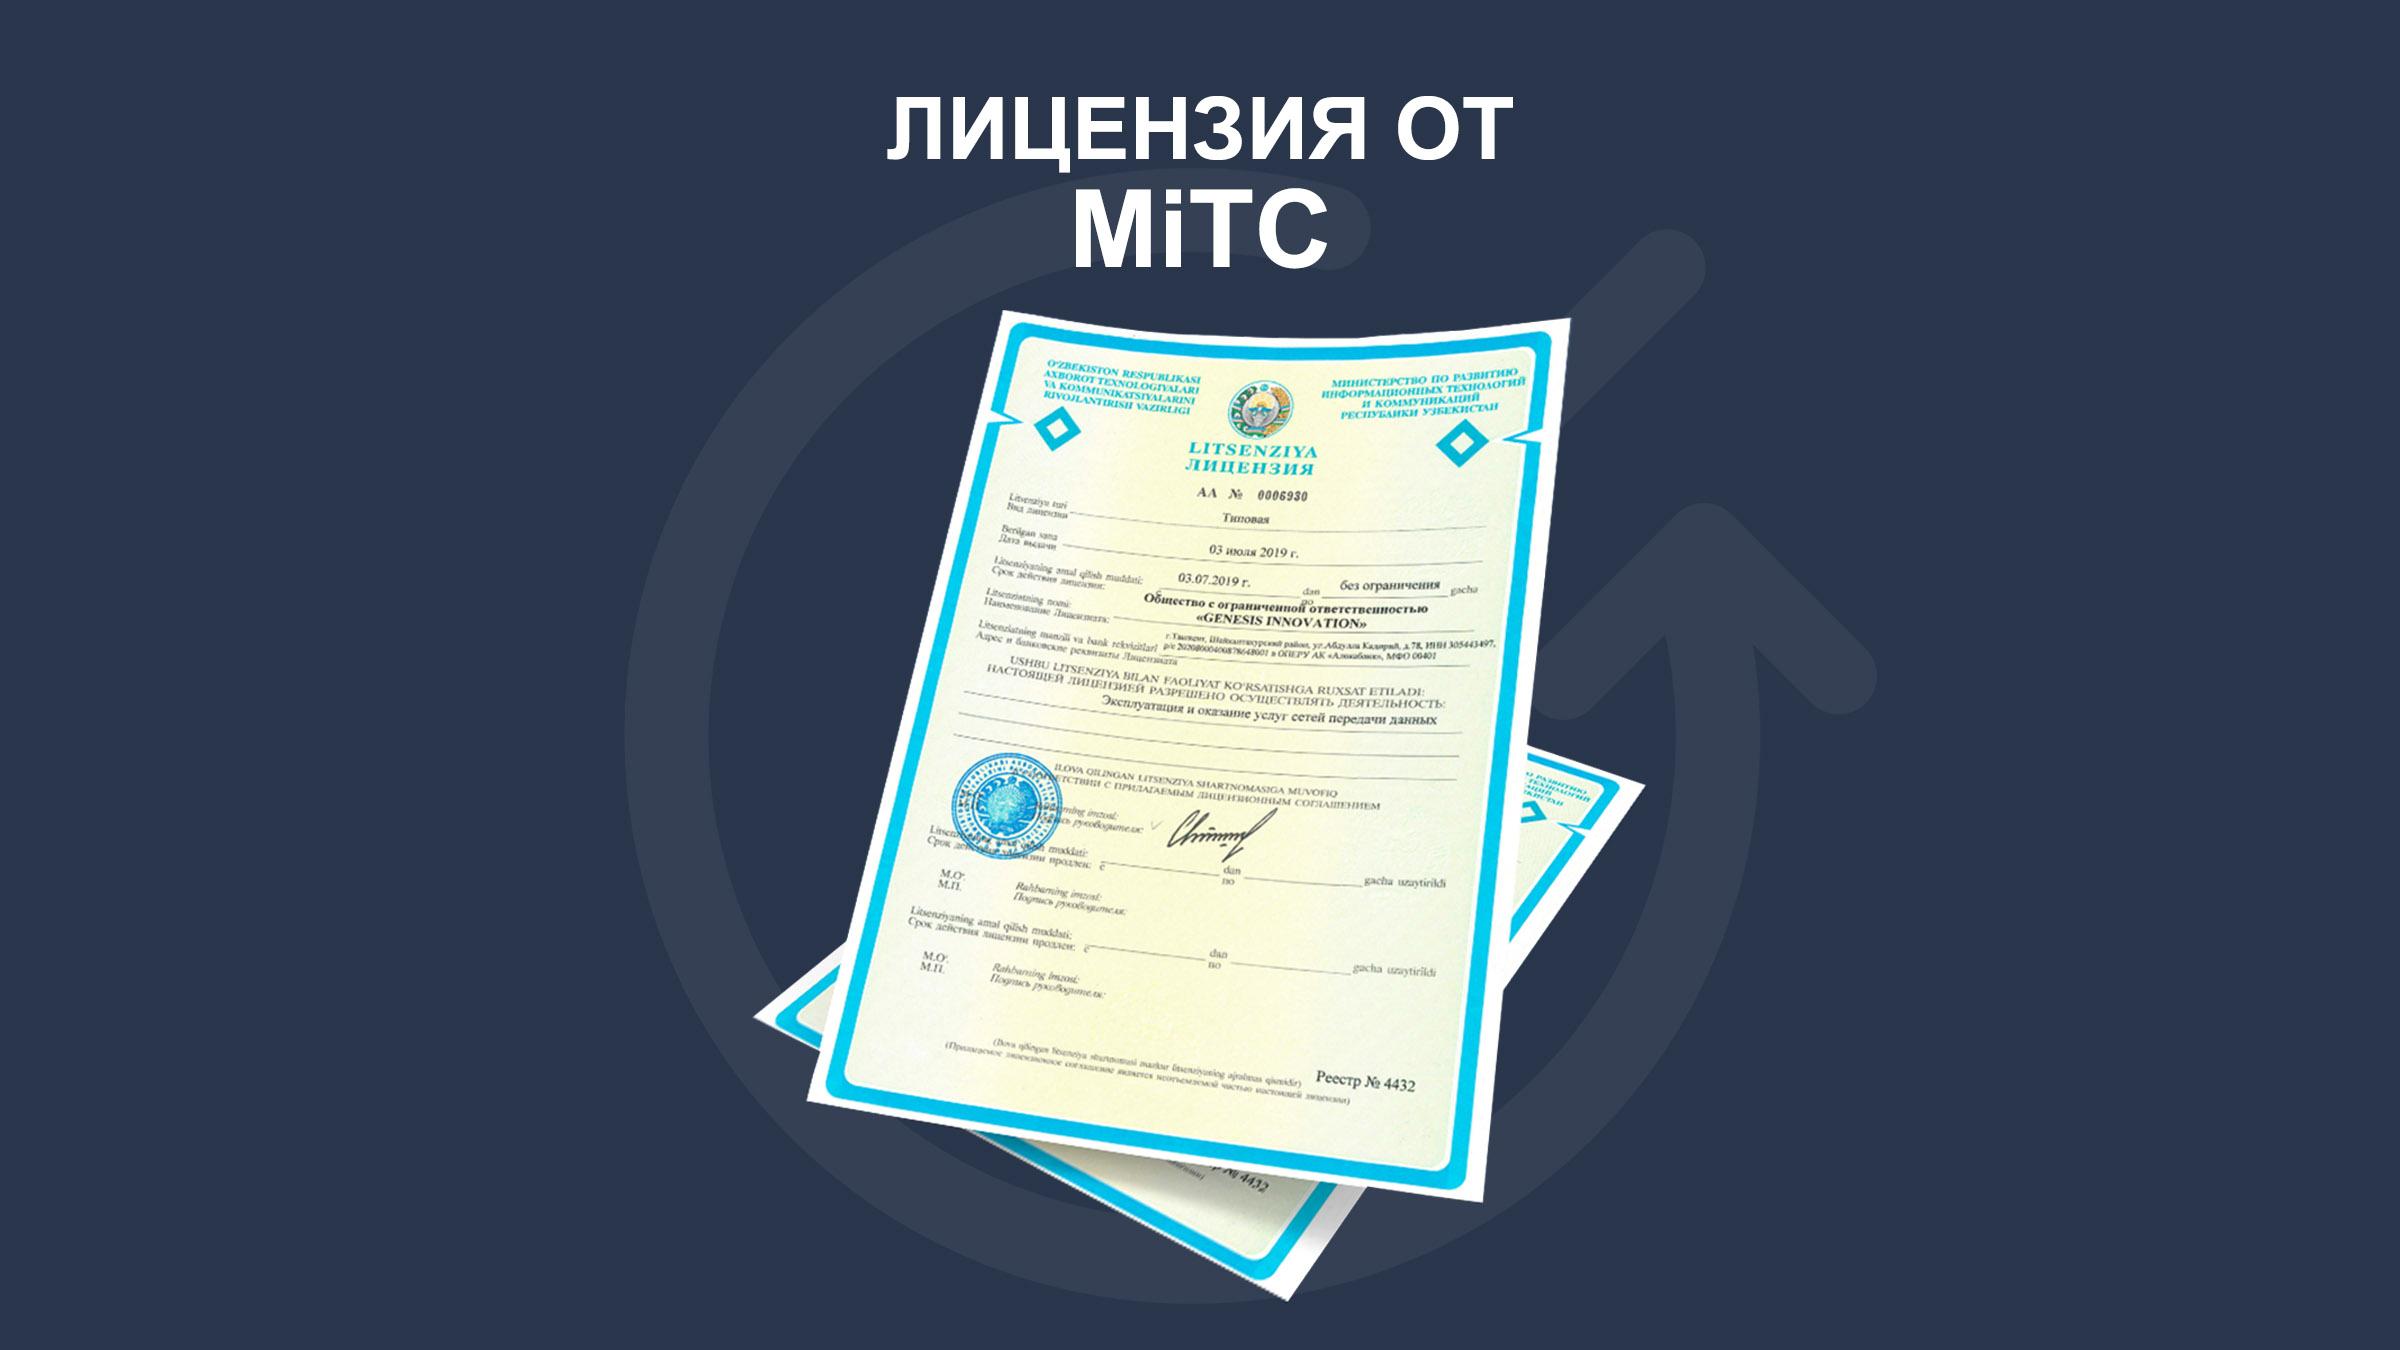 Лицензия от MiTC